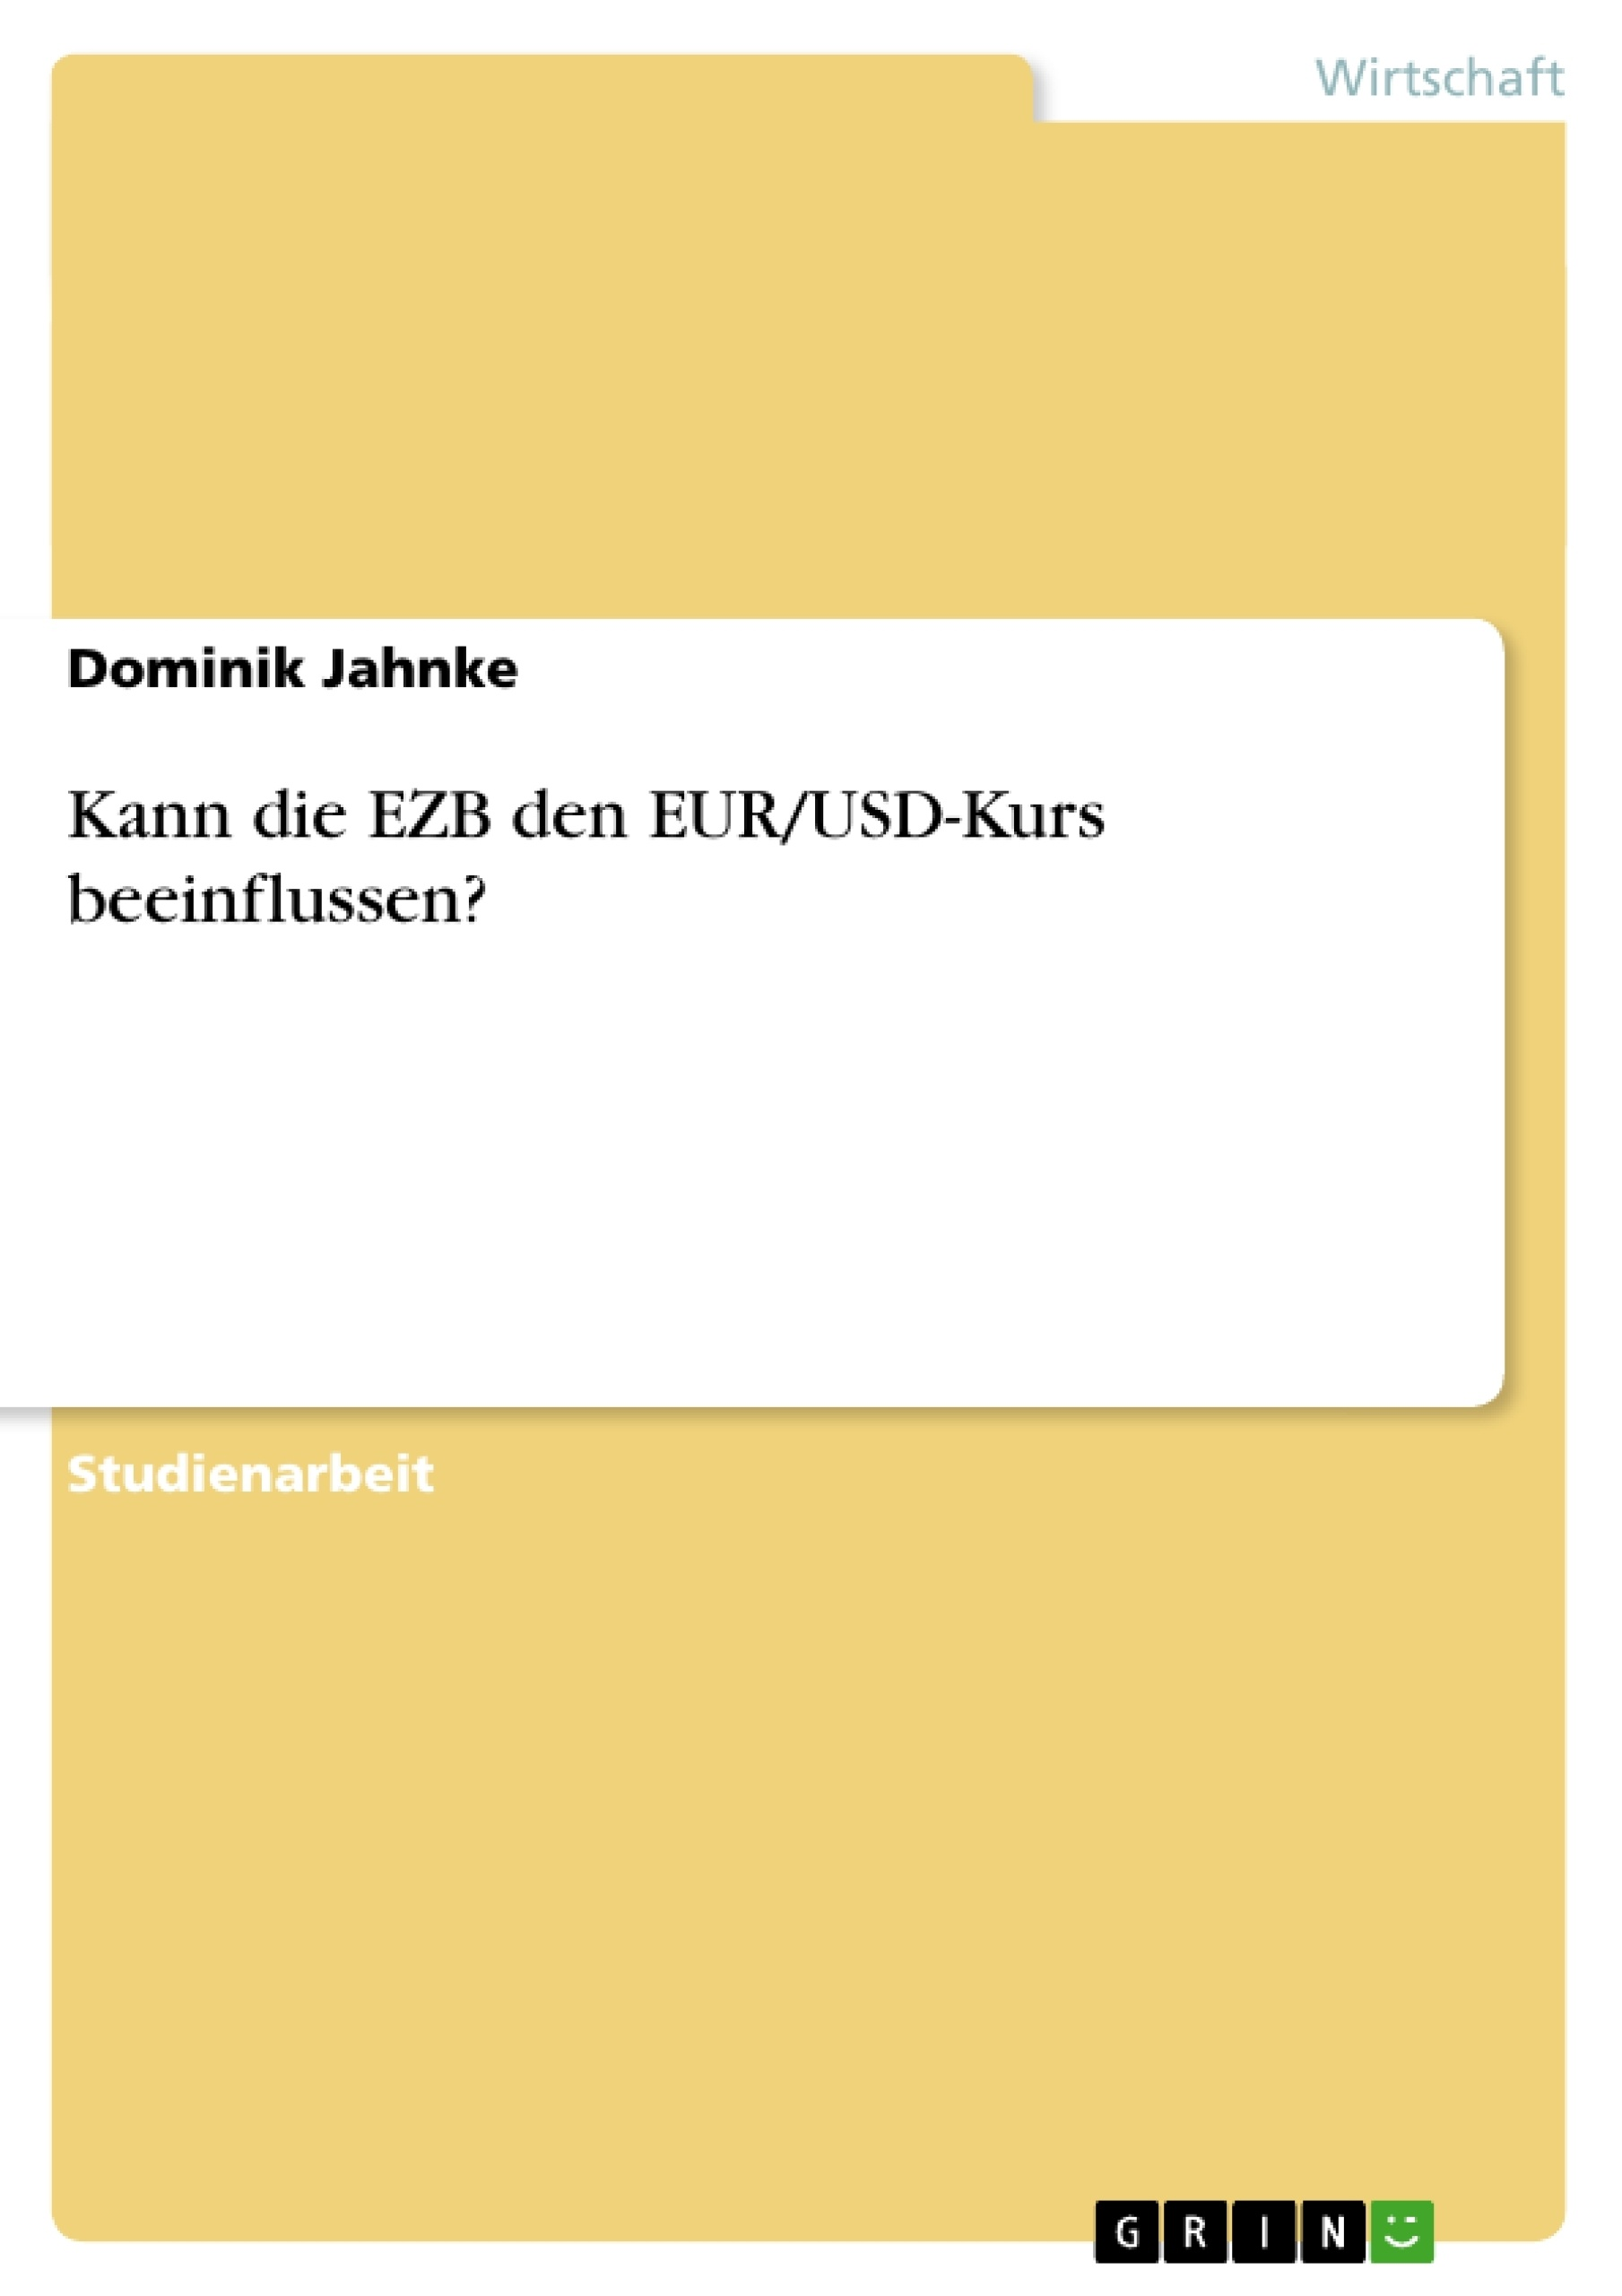 Titel: Kann die EZB den EUR/USD-Kurs beeinflussen?